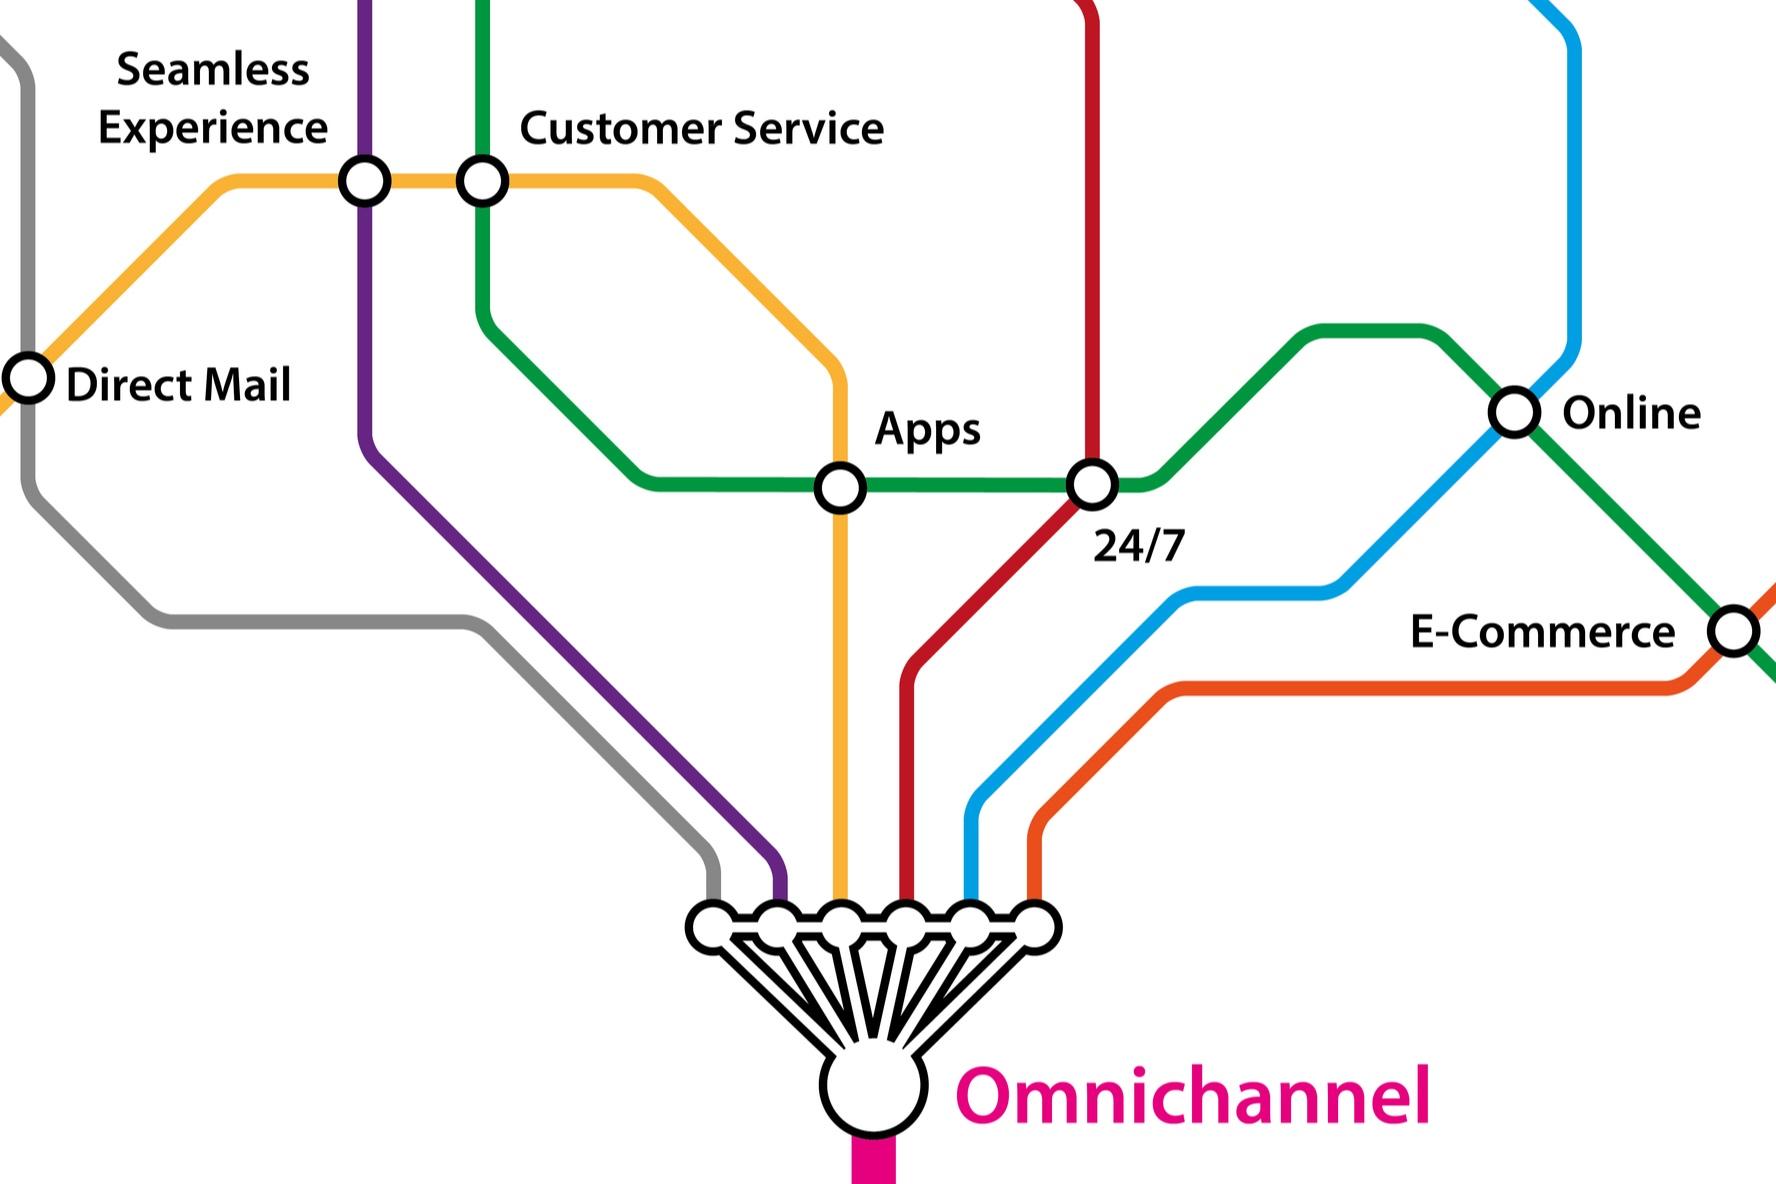 nosotros - Somos una empresa omnicanal especializada en la captación y servicio de clientes.